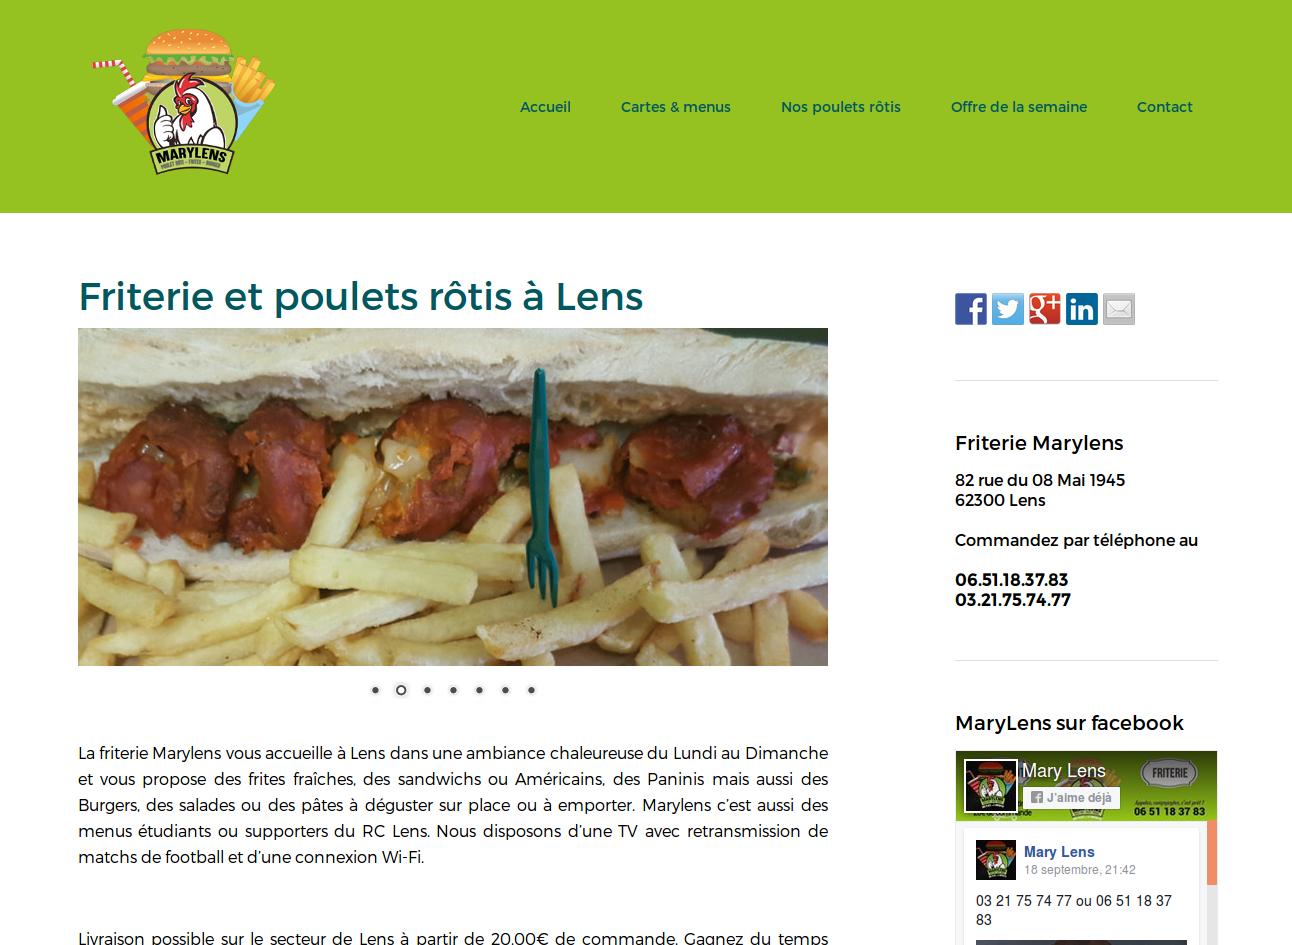 Site Internet de la friterie Marylens